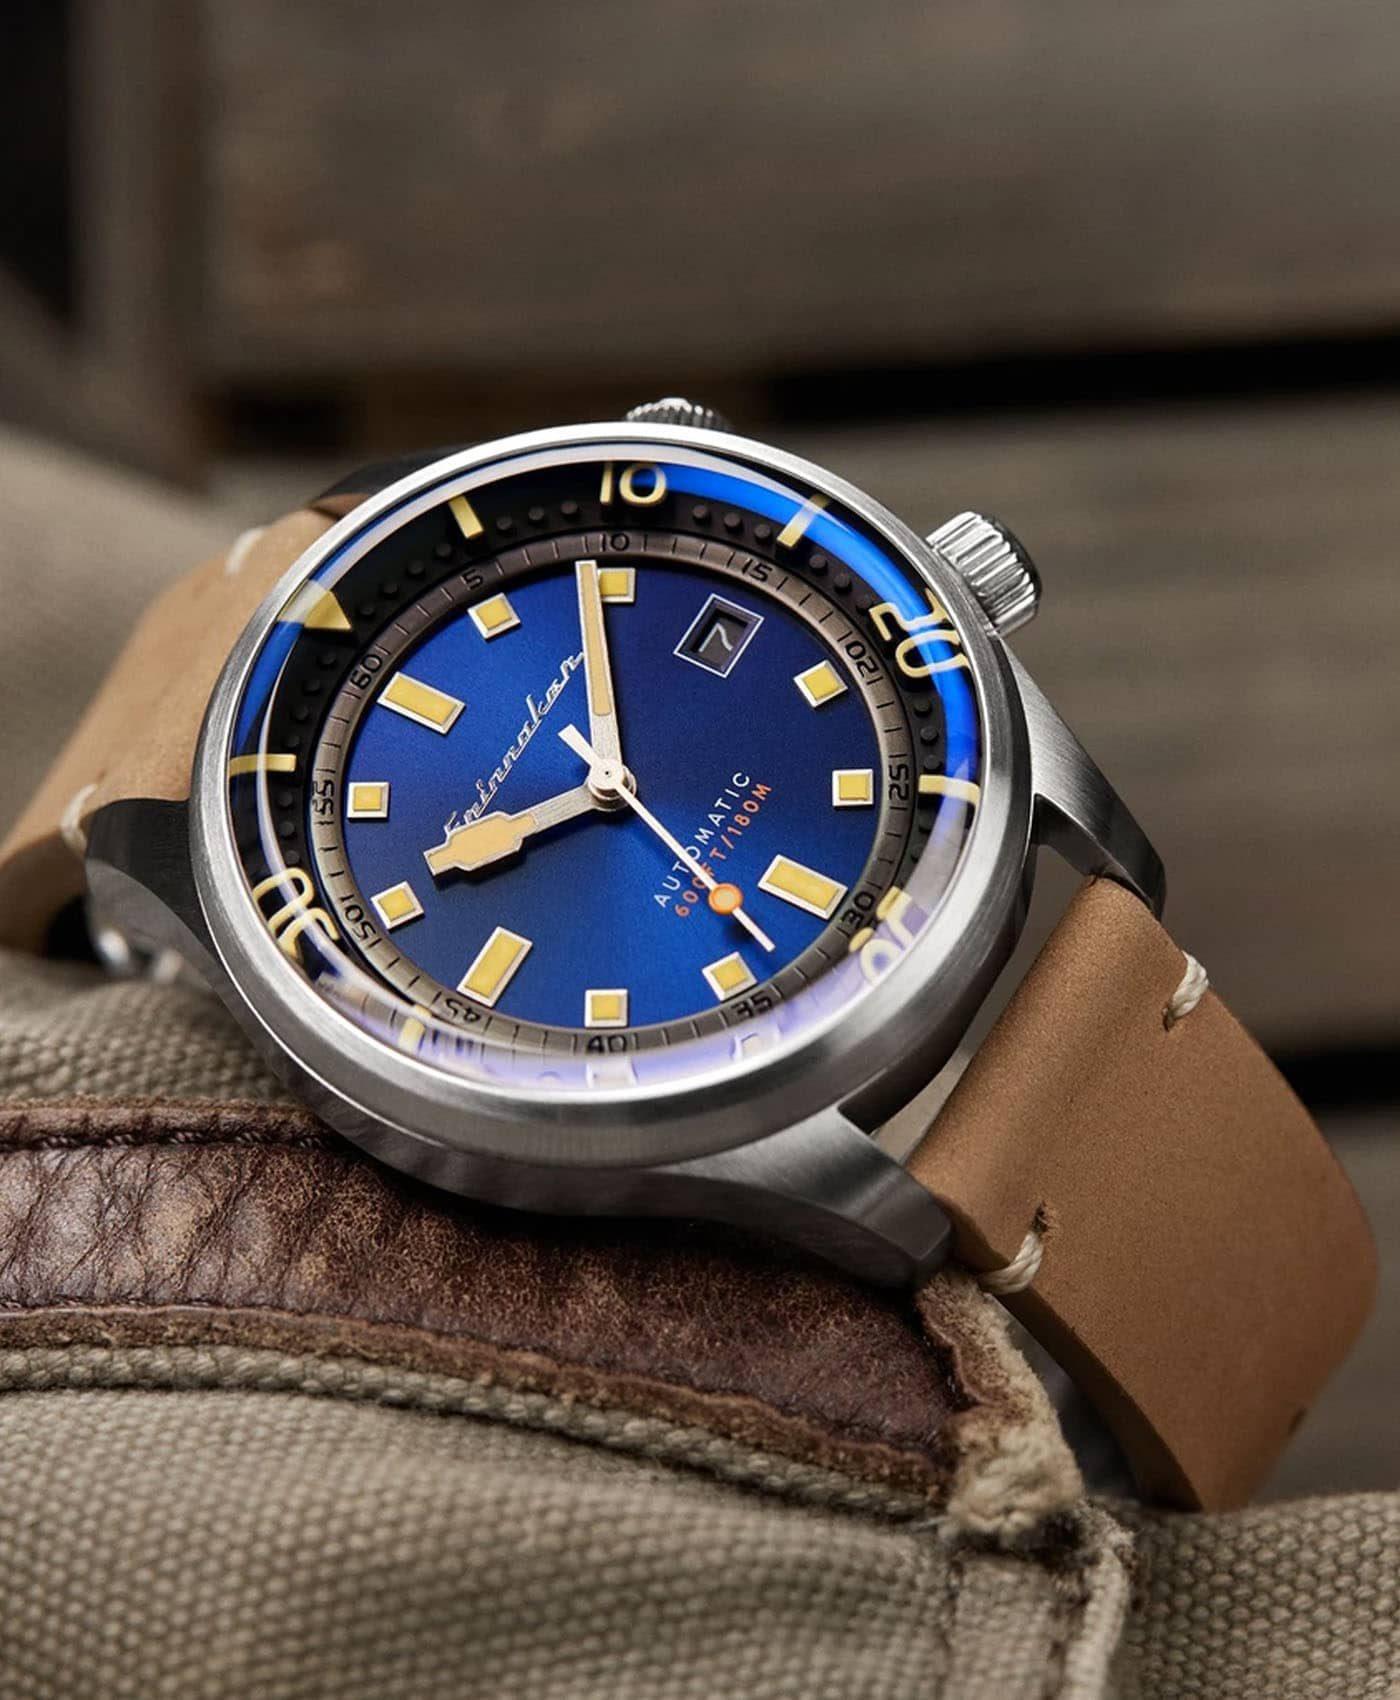 Spinnaker watch BRADNER SP-5062-05 mood